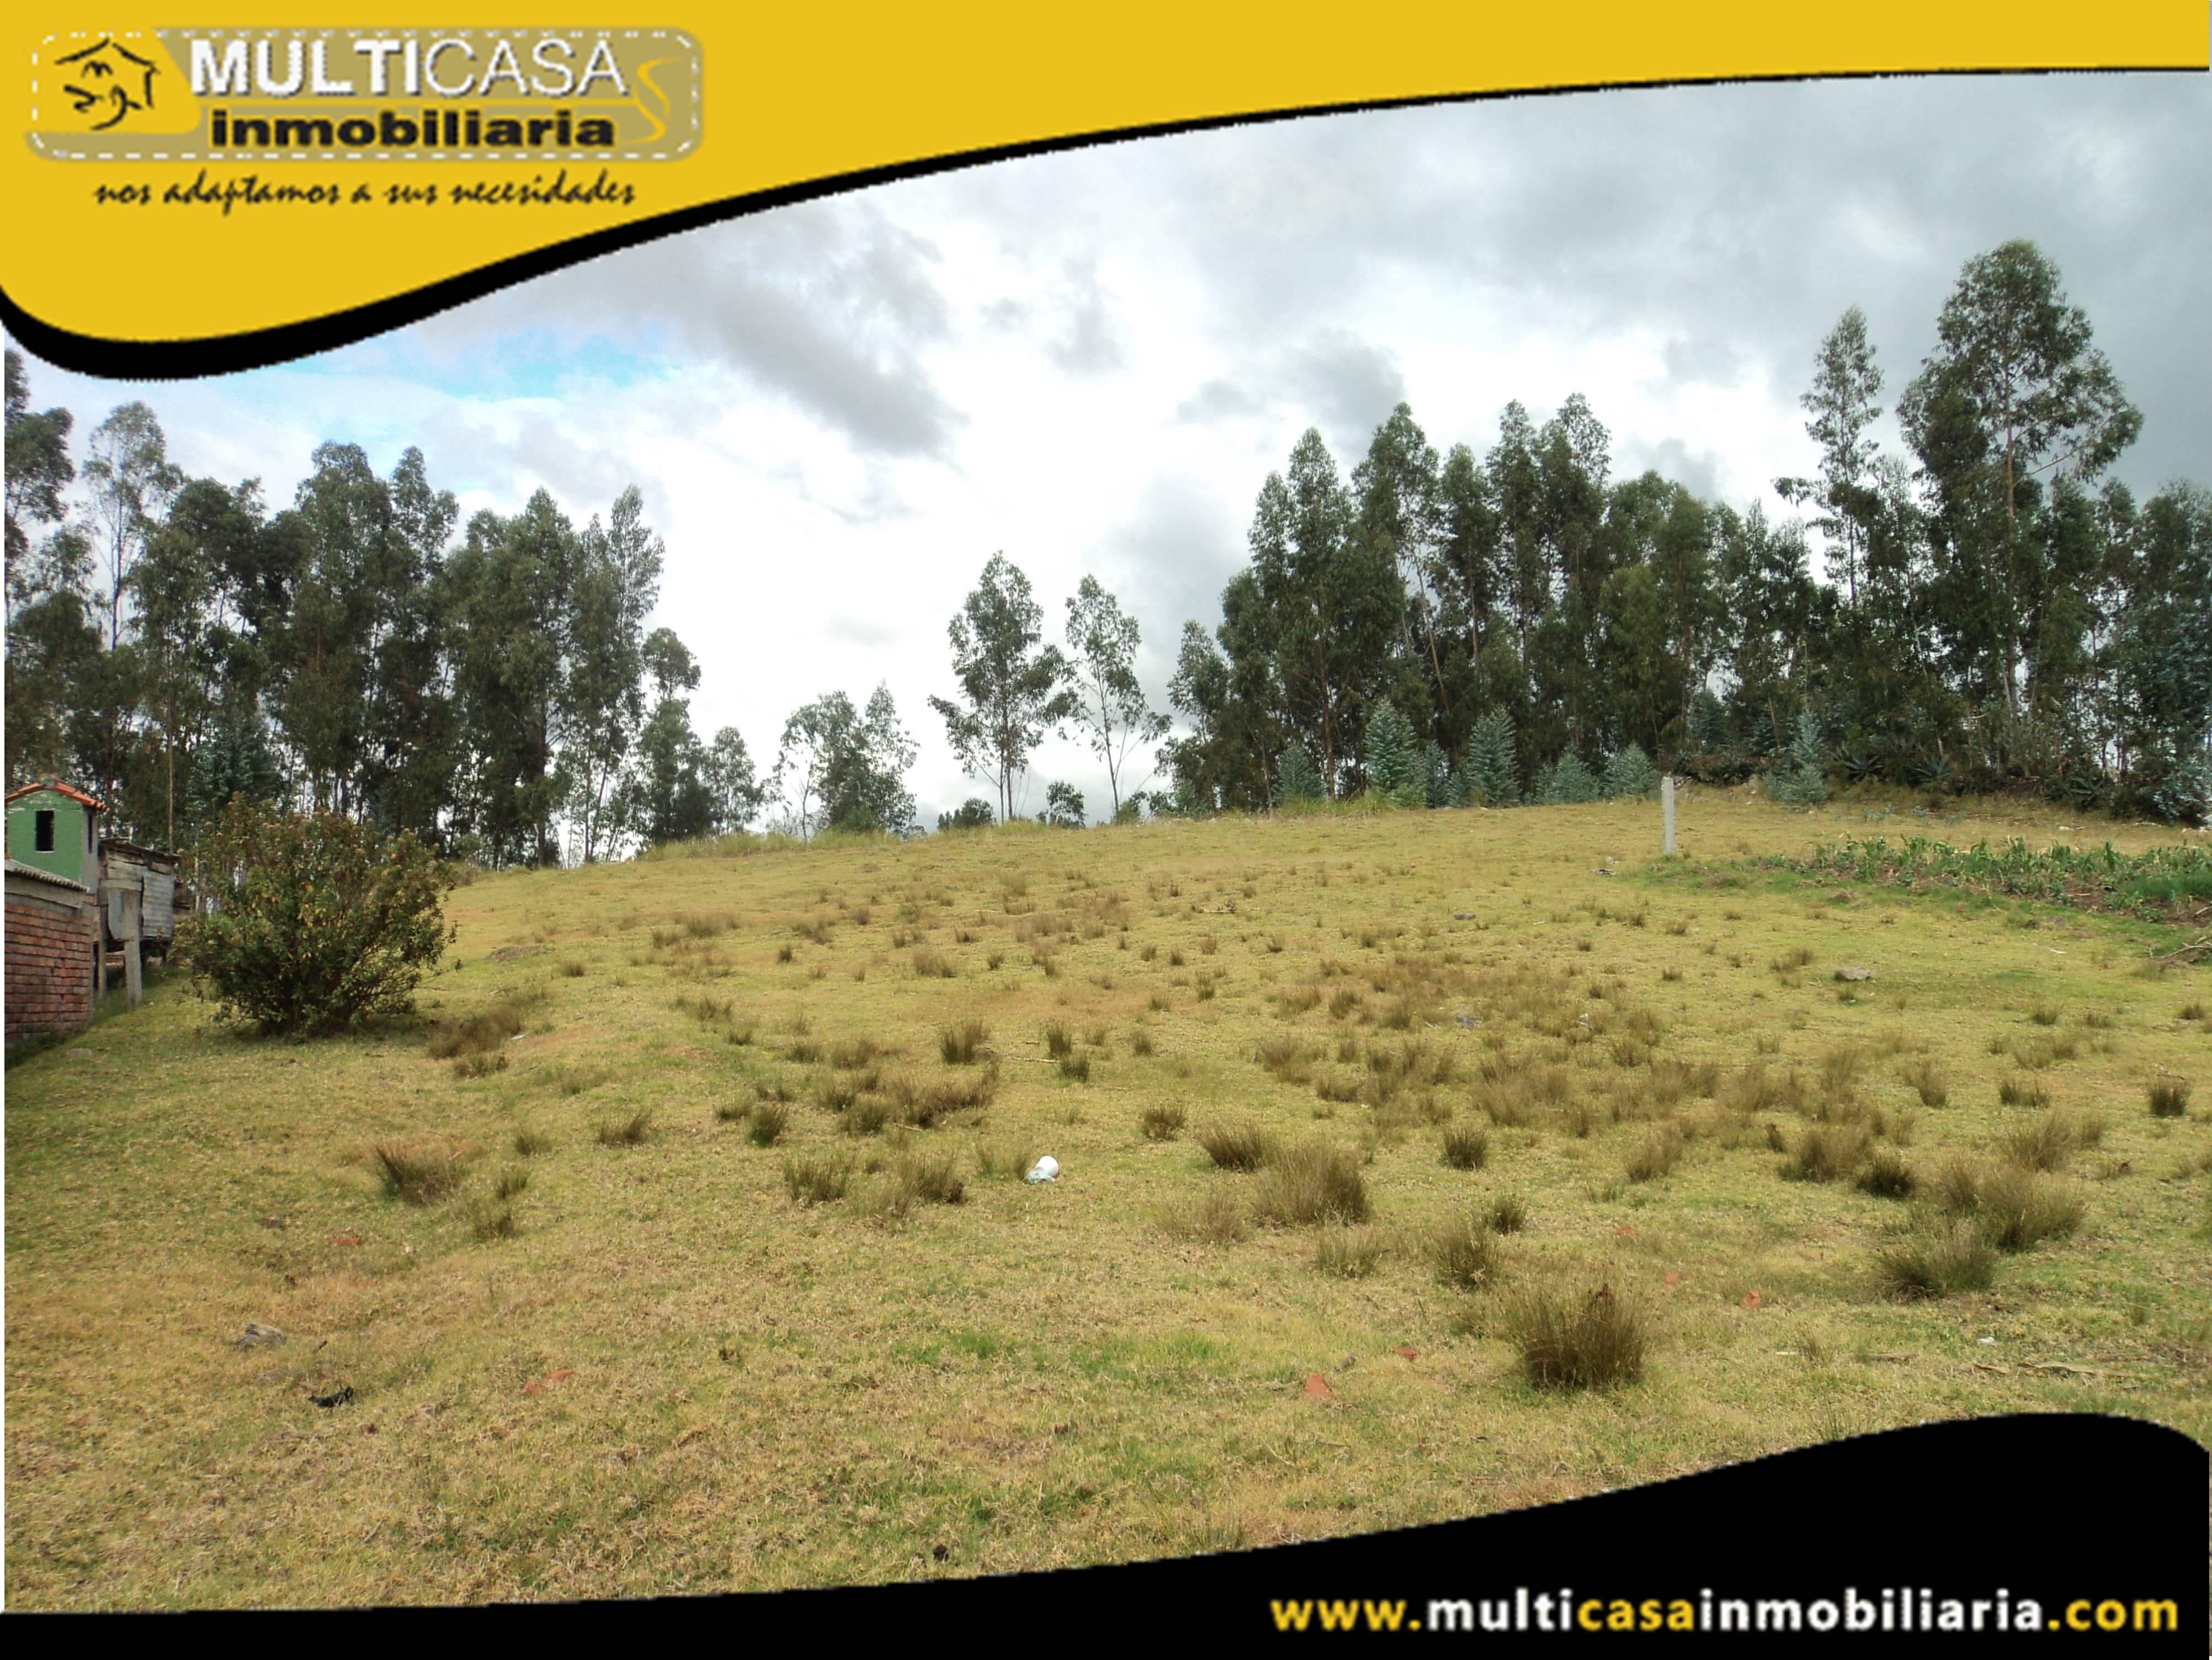 Sitio en Venta a credito con Licencia Urbanistica Sector Mayancela Cuenca-Ecuador